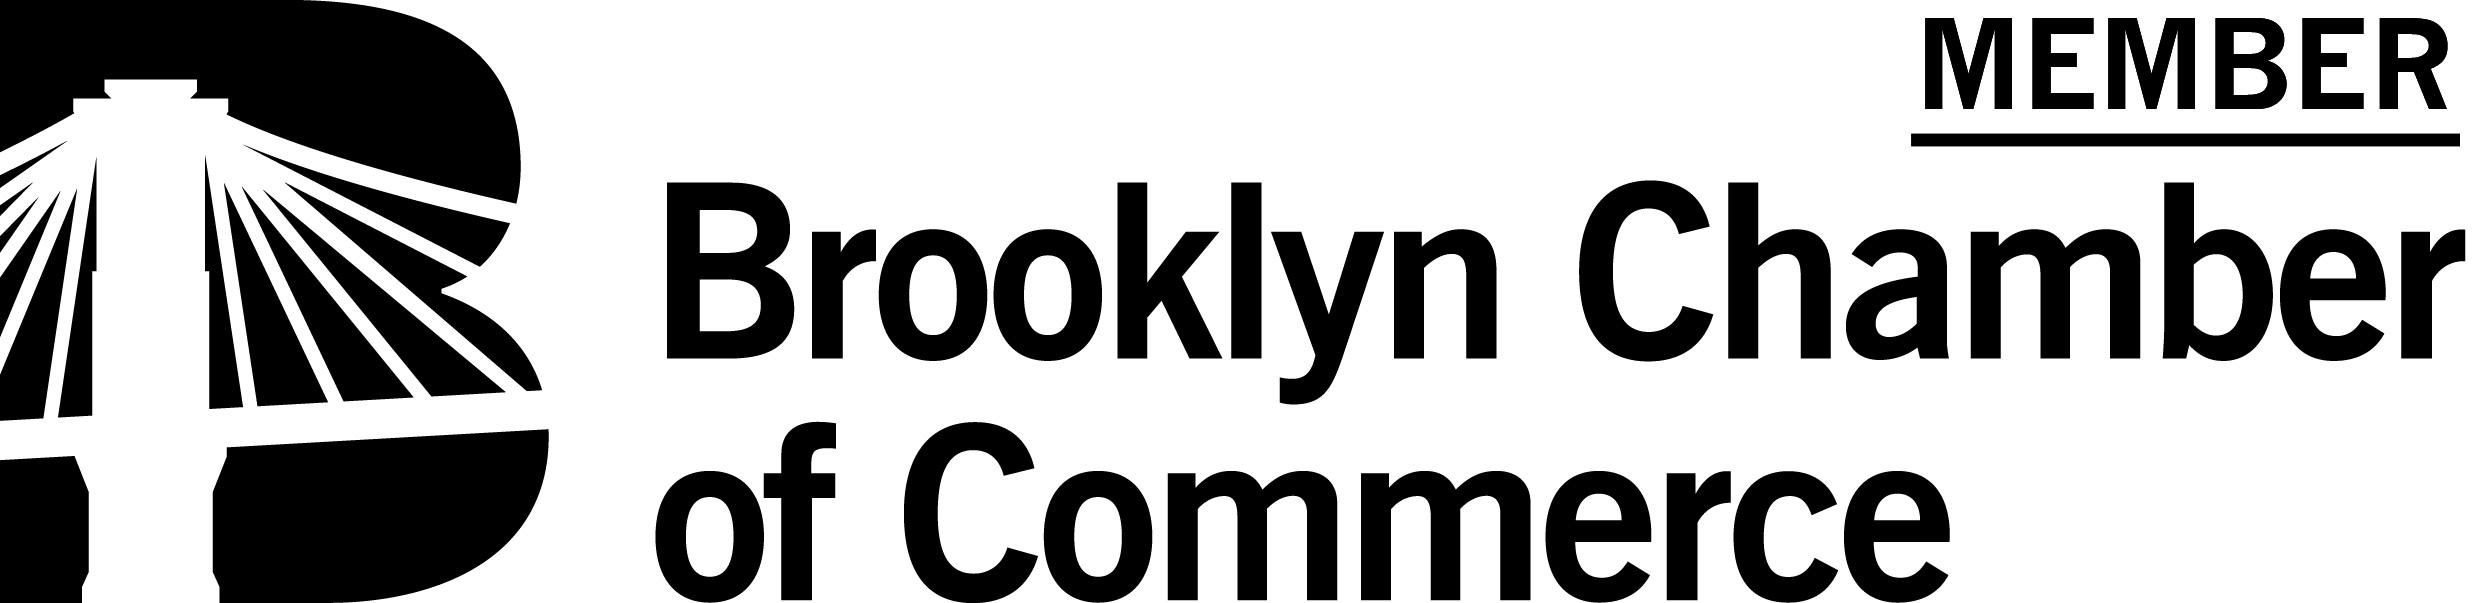 Bcc Member Logo Black.jpg